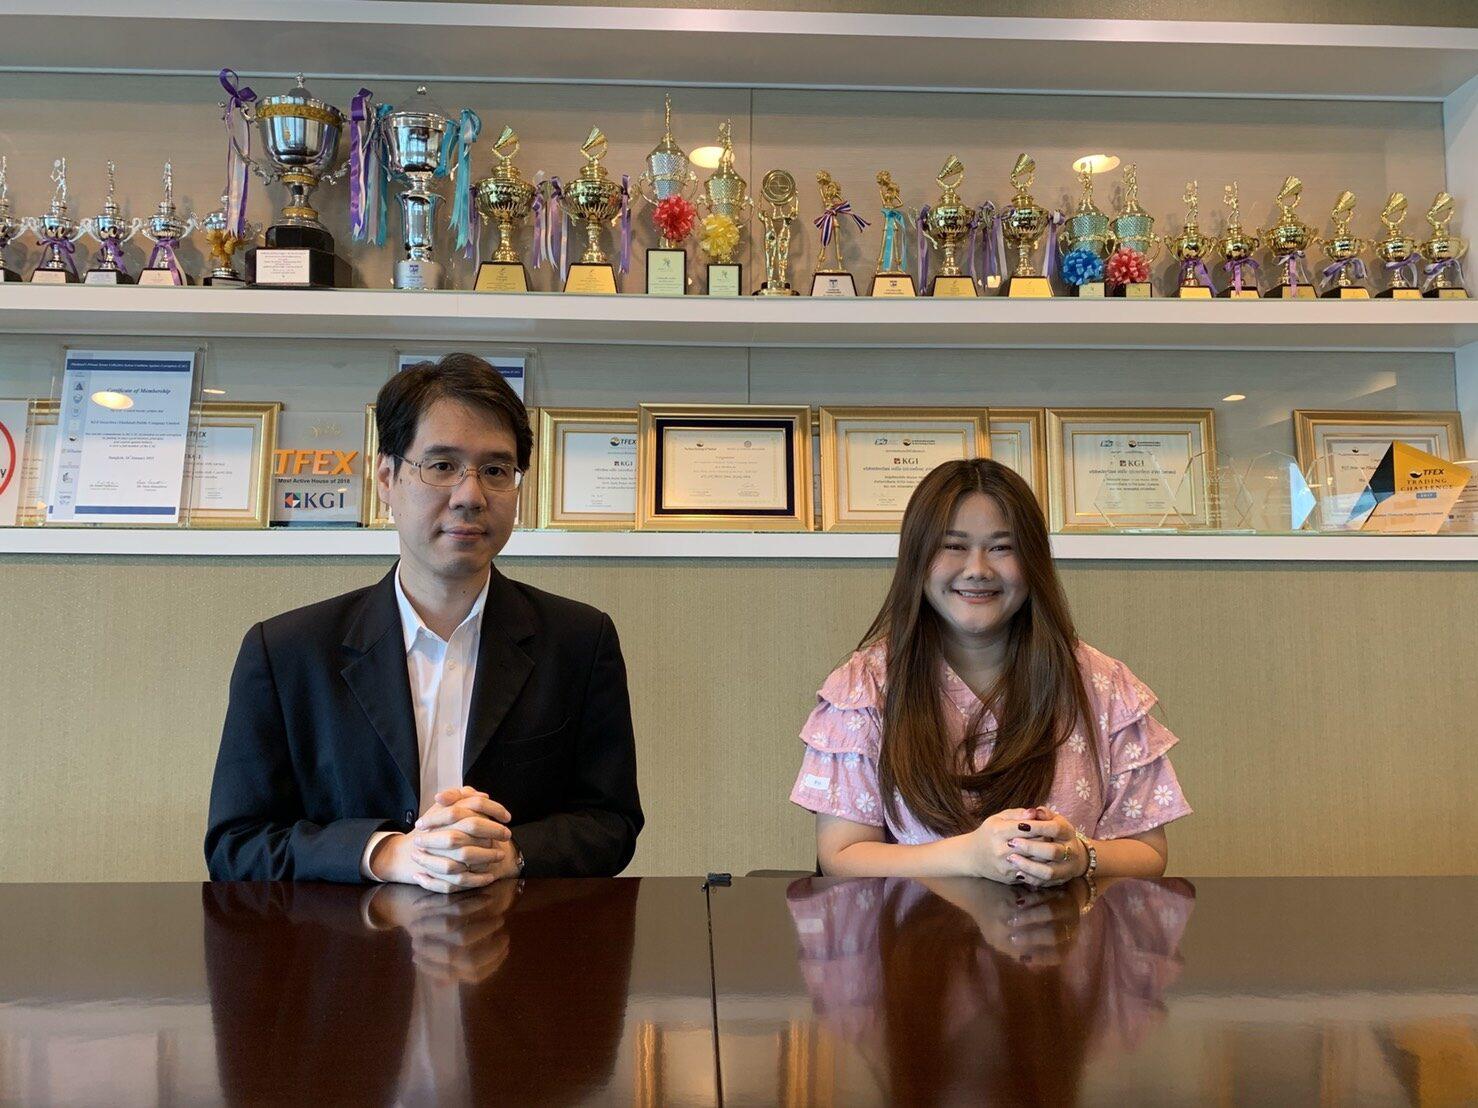 'เคจีไอ' คาดหุ้นไทยพักฐาน หลังปรับขึ้นใกล้ระดับ 1,300 จุด ทำมูลค่าตึงตัว